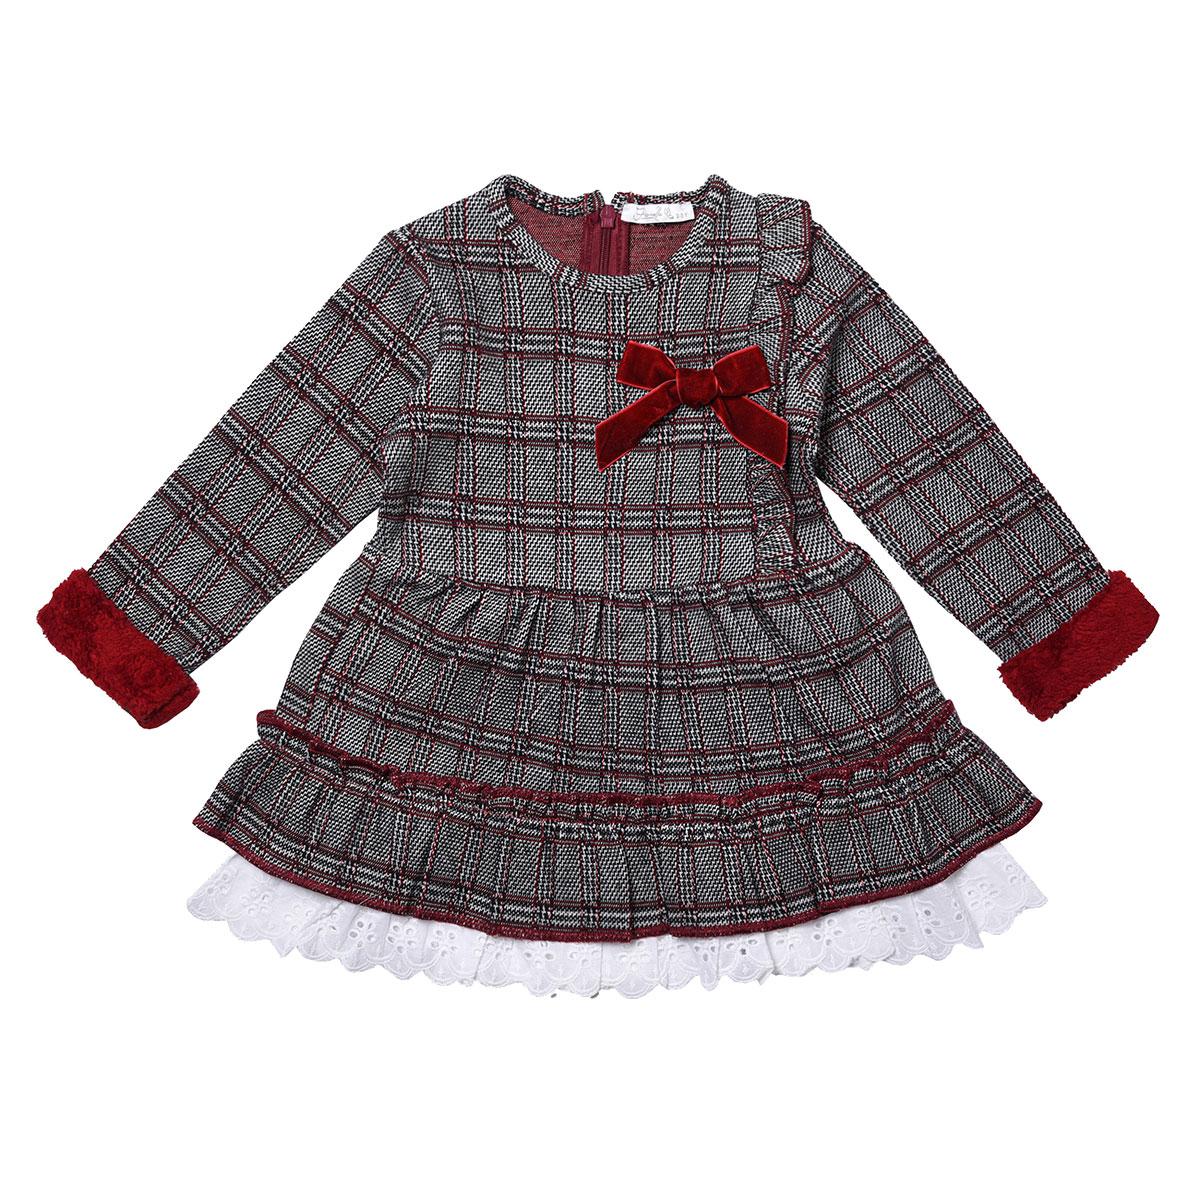 پیراهن دخترانه فیورلا مدل  آوا کد 31512